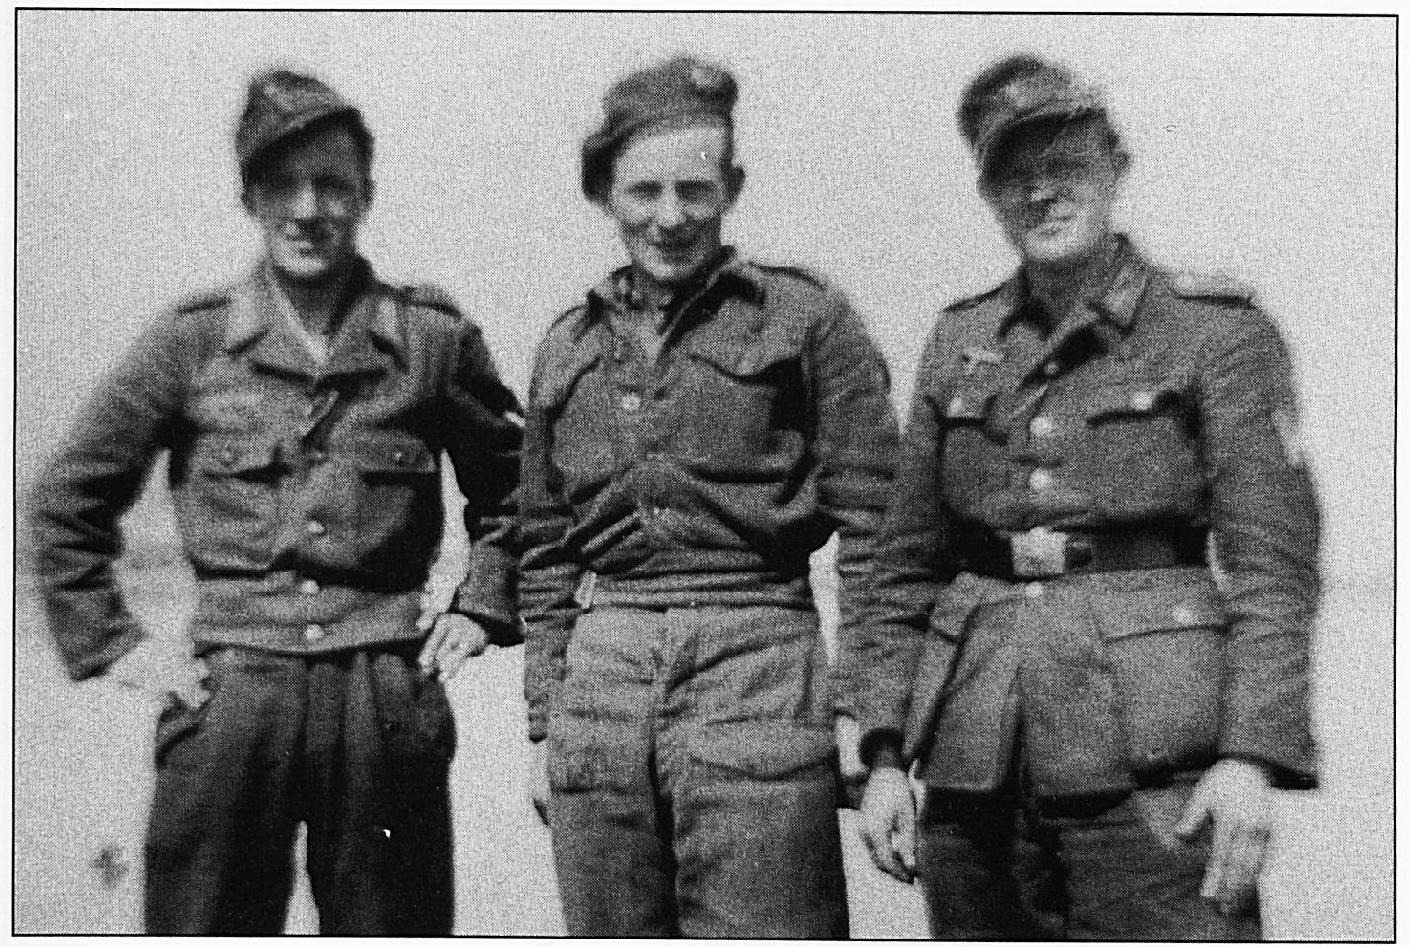 Dezelfde Duitse soldaten, als op de vorige afbeelding, met een Belgische soldaat die met deze krijgsgevangenen op de foto wilde op de Wamelse veerstoep.